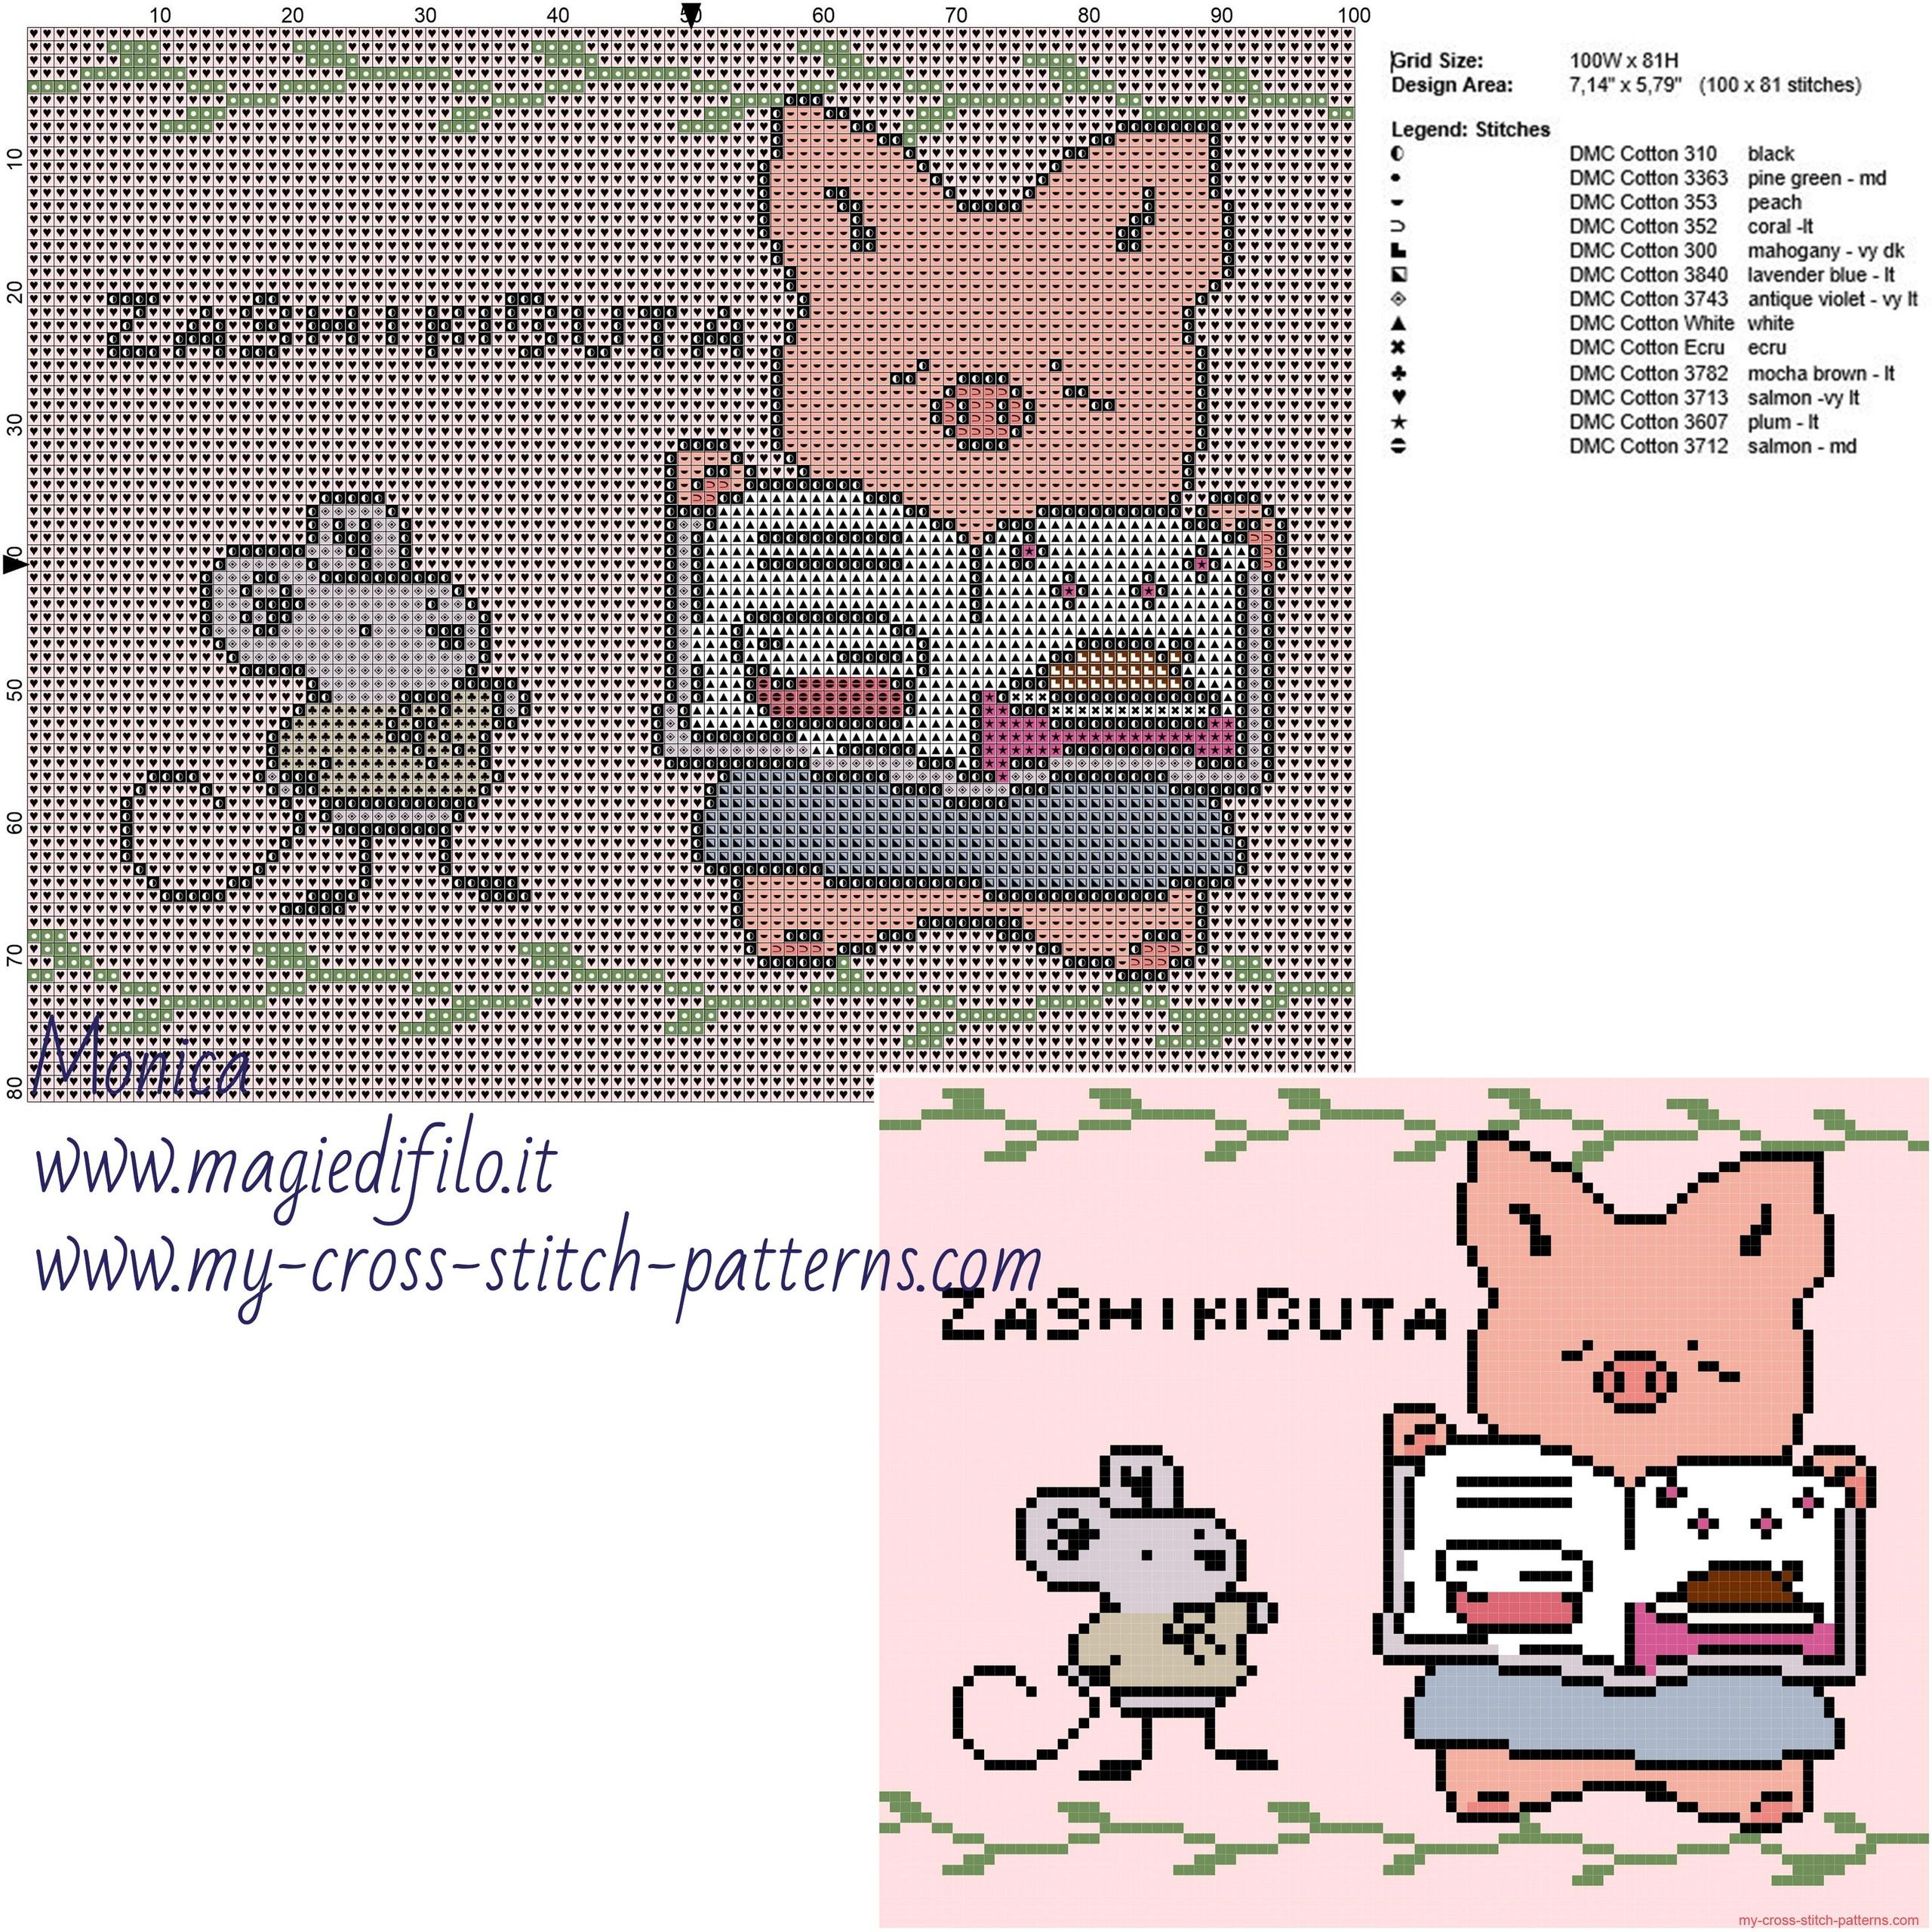 zashikibuta_2_cross_stitch_pattern_